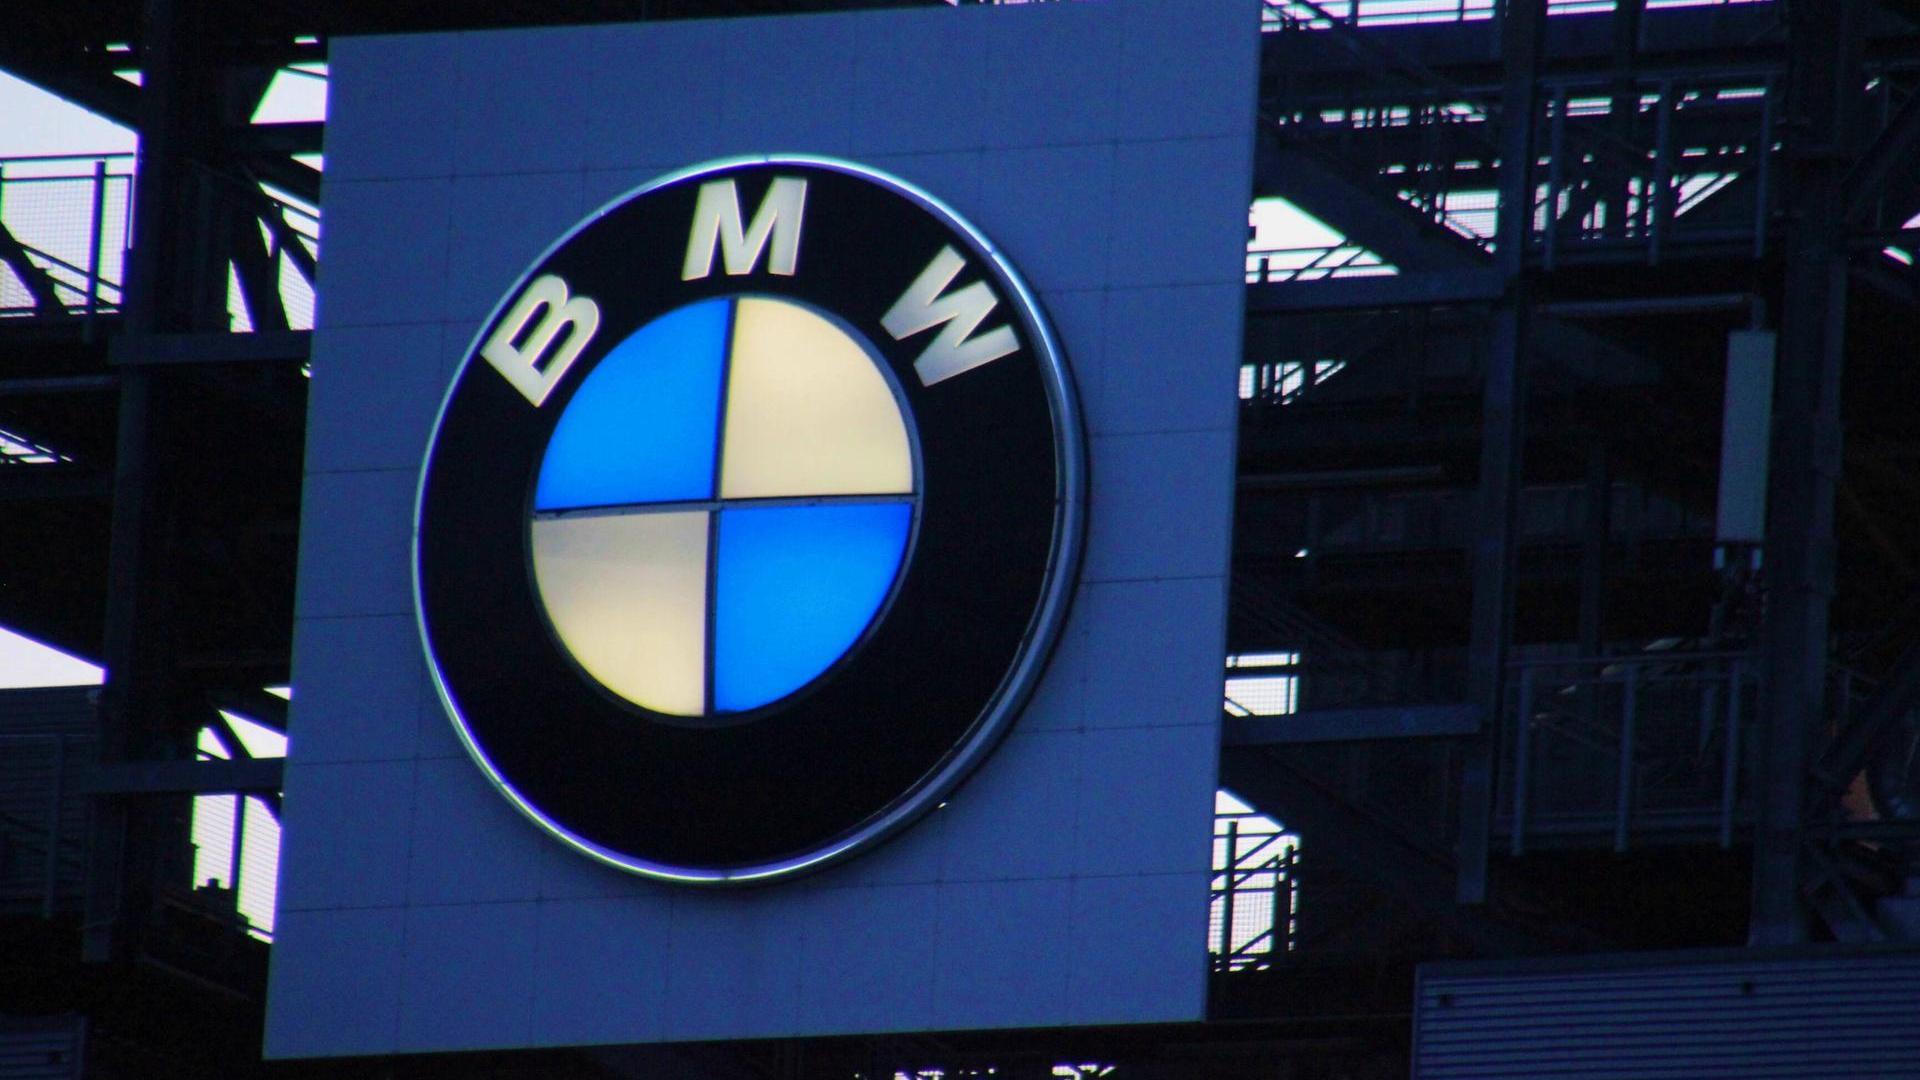 Wegen der EU-Abgasnorm: BMW stoppt Großverbrennungsmotoren